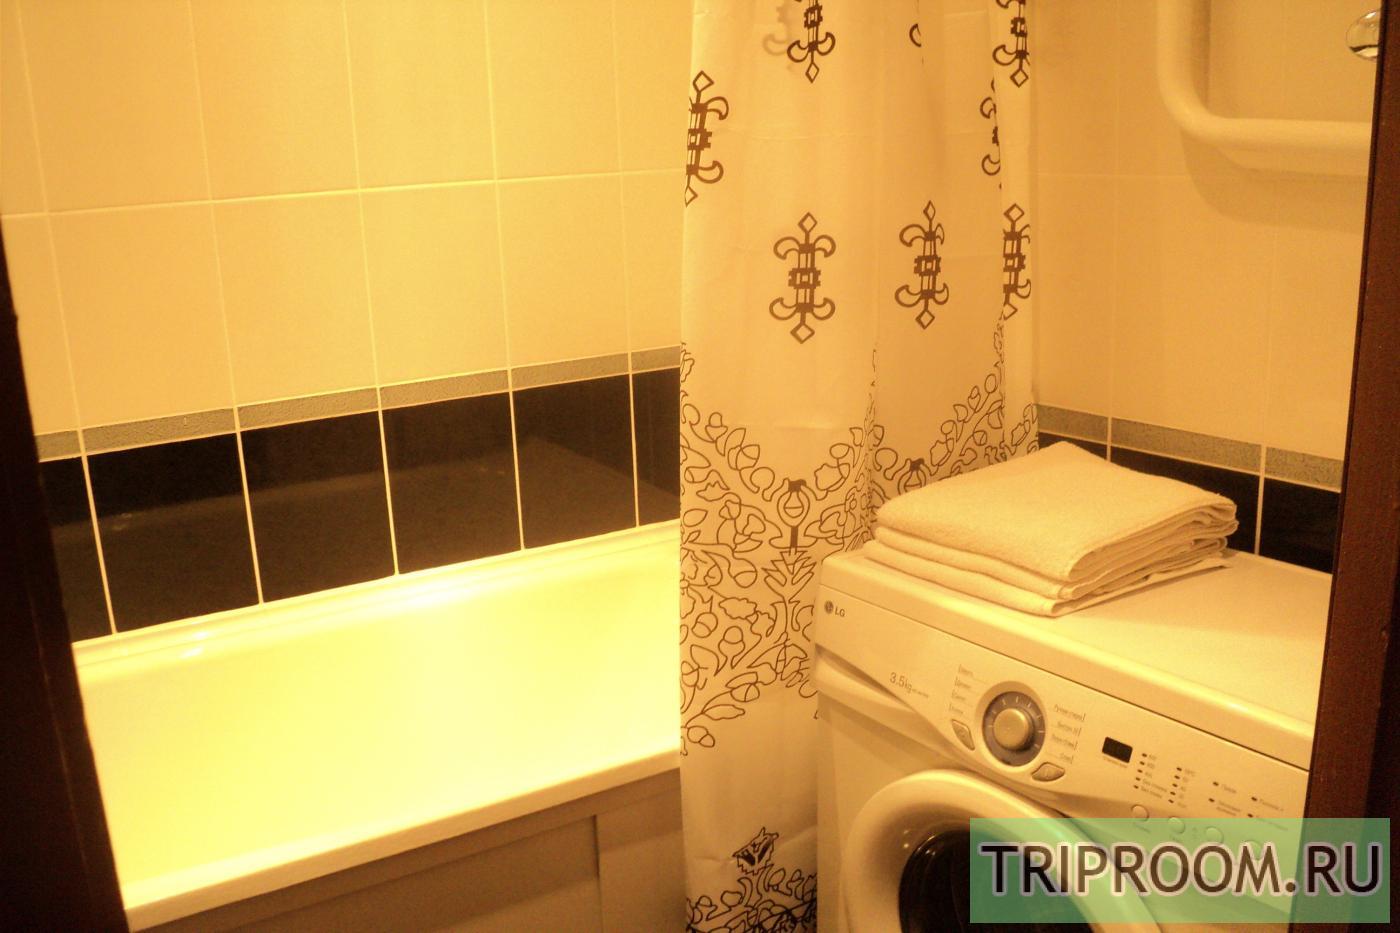 1-комнатная квартира посуточно (вариант № 5800), ул. Молокова улица, фото № 7